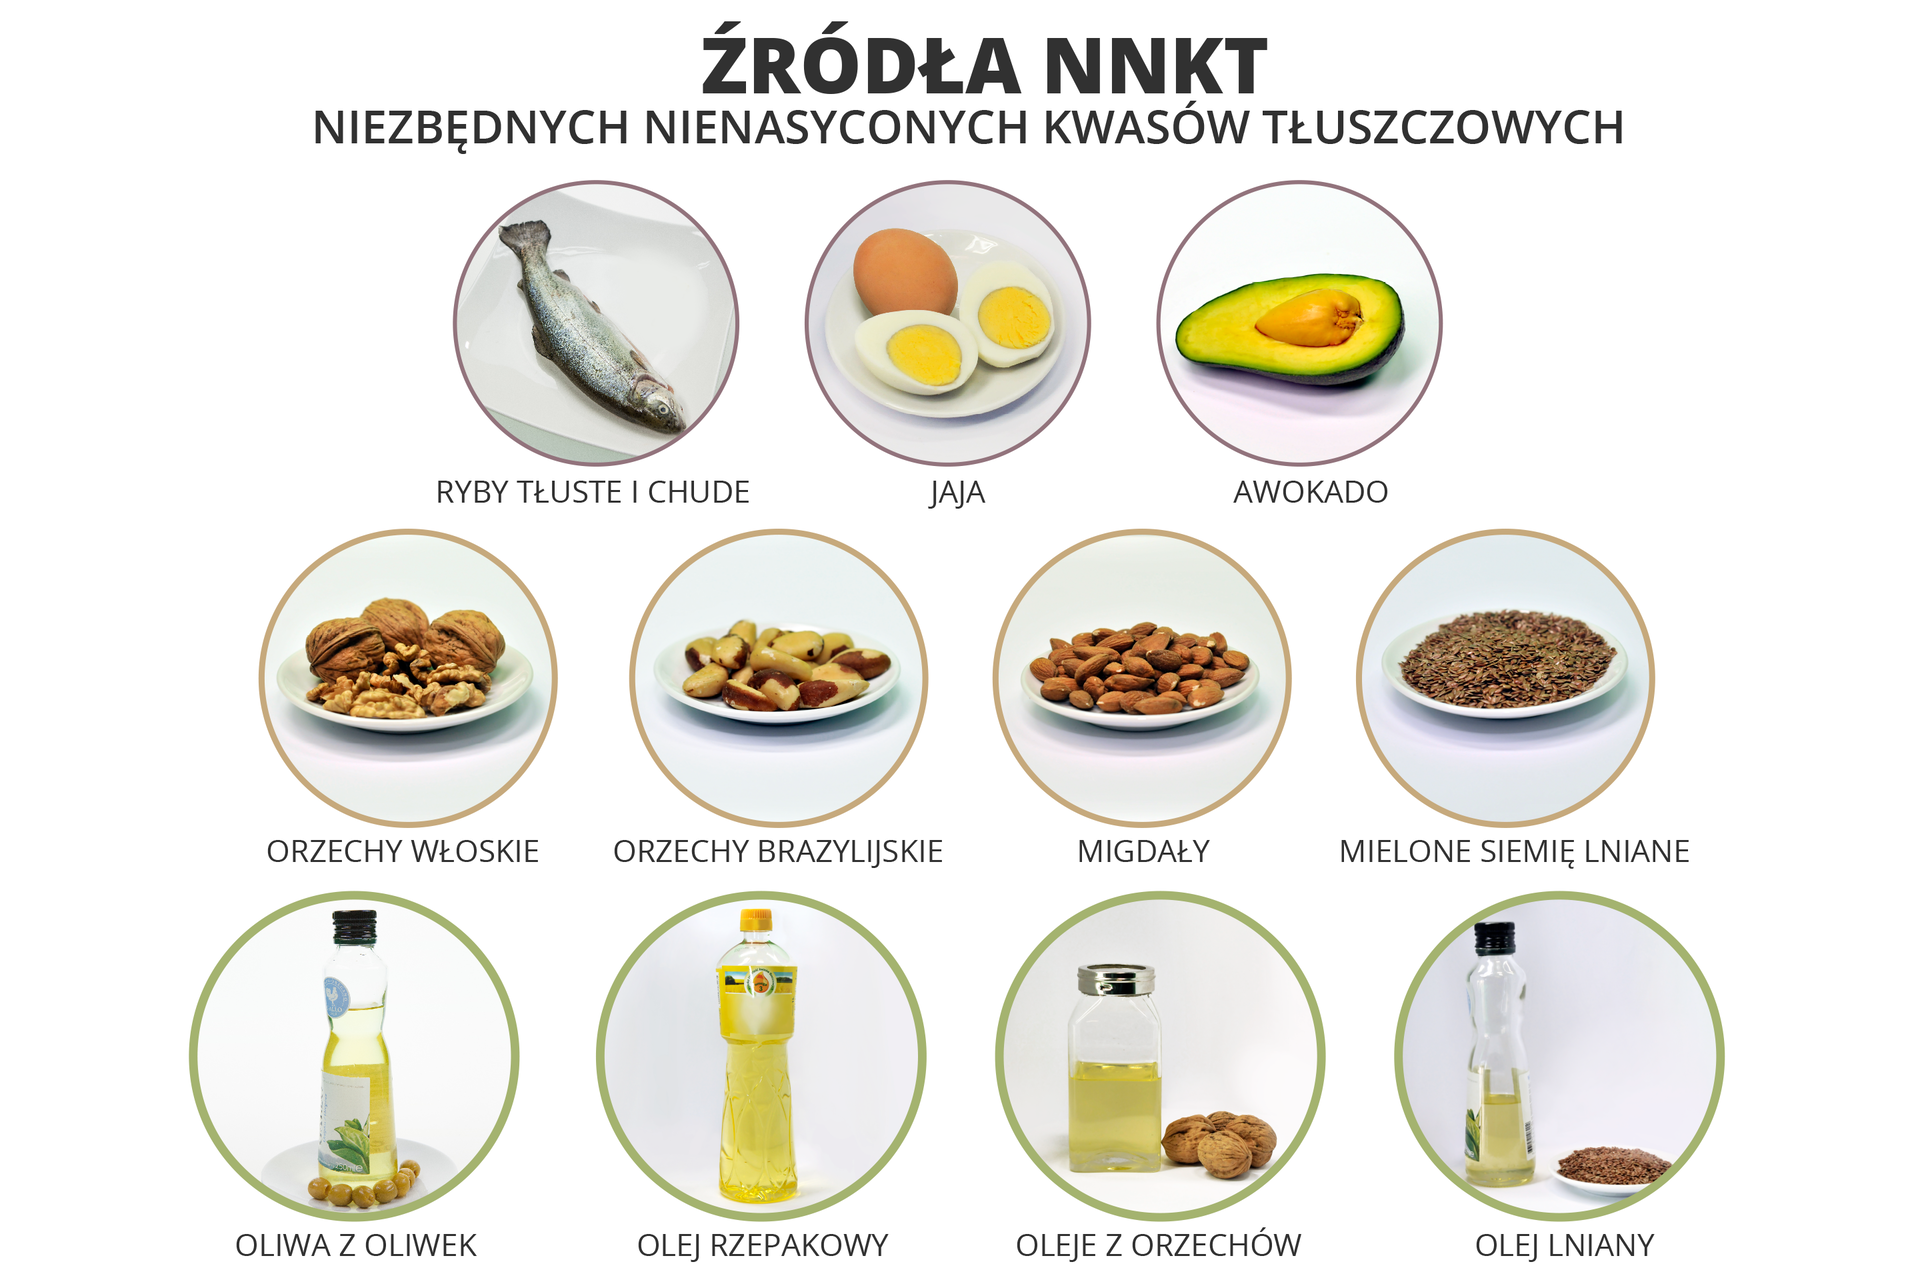 Schemat przedstawiający źródła niezbędnych nienasyconych kwasów tłuszczowych - ryby tłuste ichude, jaja, awokado, orzechy włoskie, orzechy brazylijskie, migdały, mielone siemię lniane, oliwa zoliwek, olej rzepakowy, oleje zorzechów oraz olej lniany.